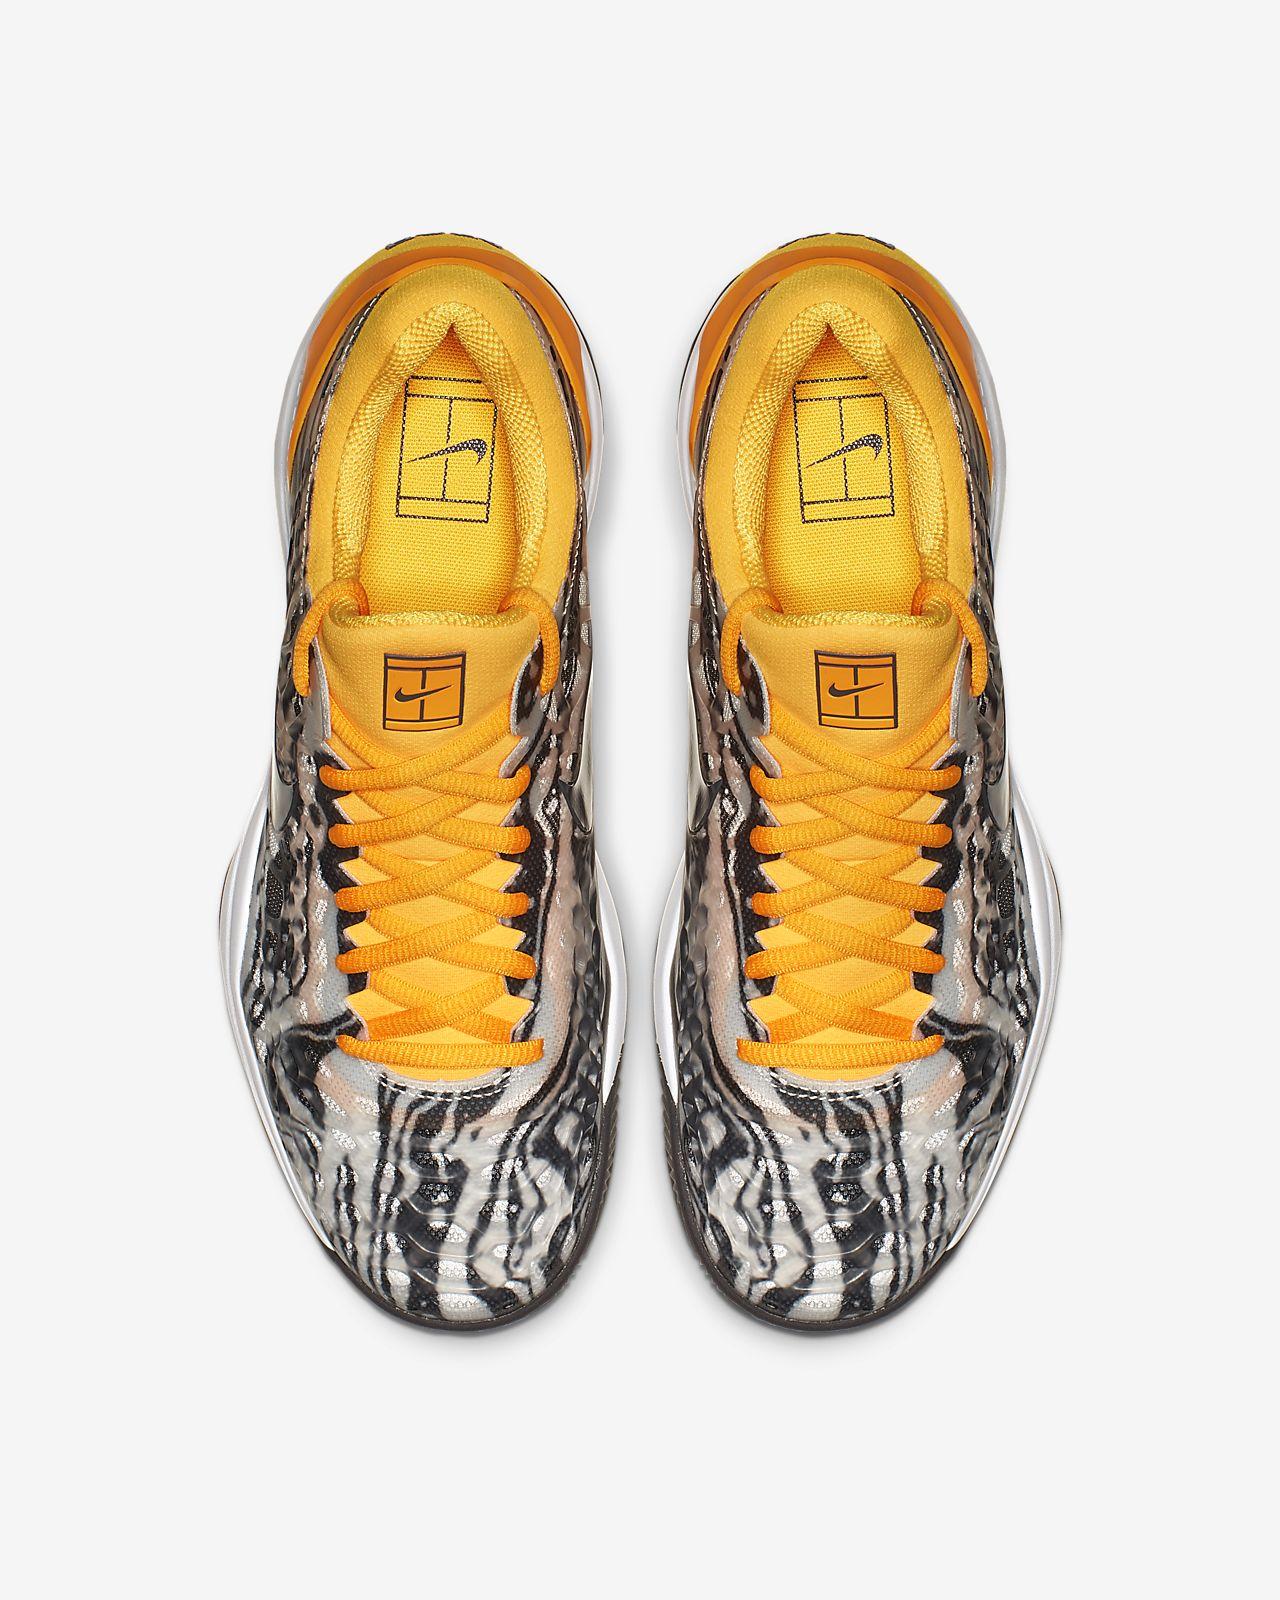 ad03c301957 Nike Zoom Cage 3 Clay Zapatillas de tenis - Hombre. Nike.com ES